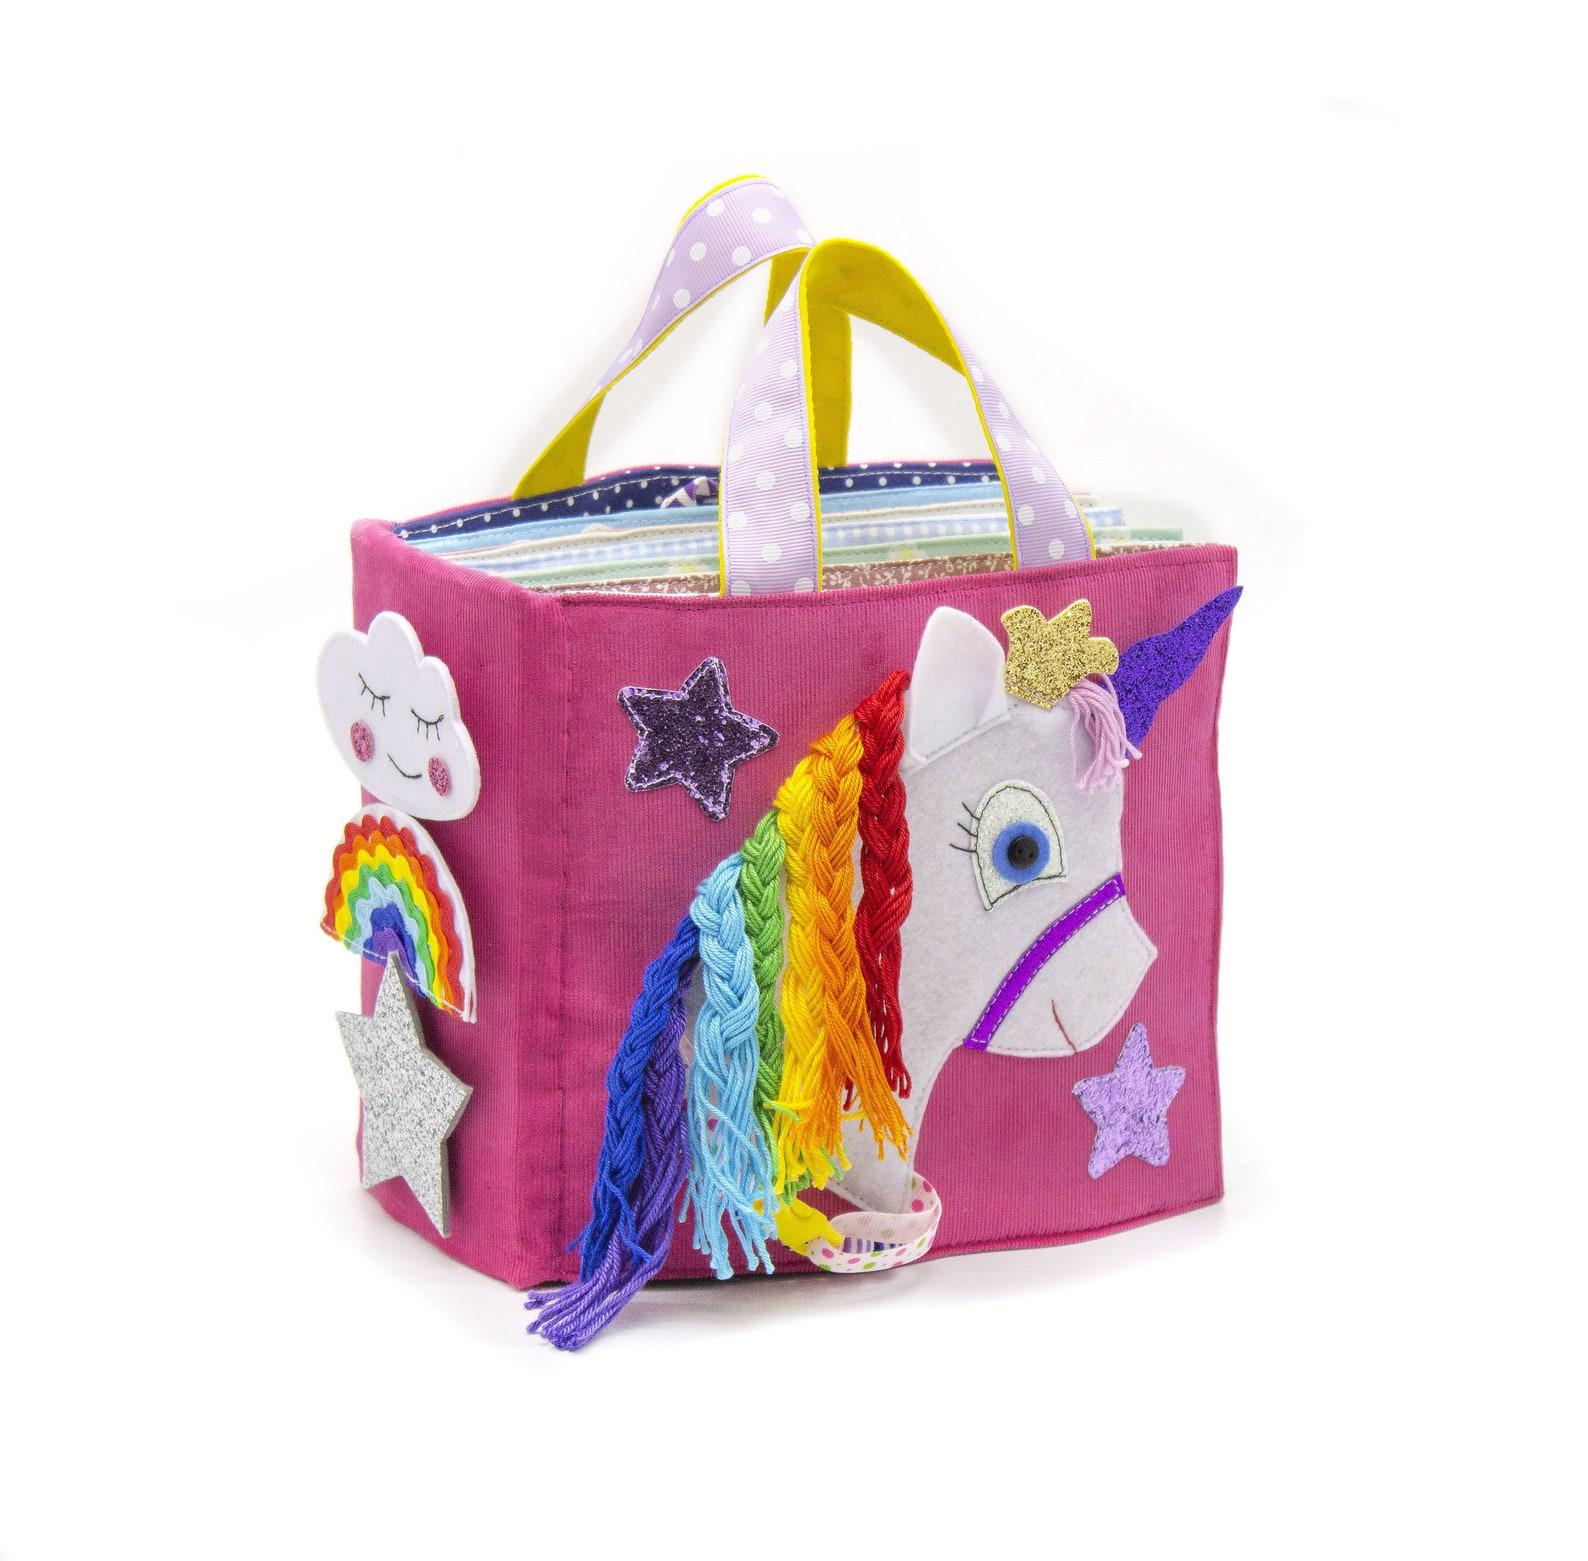 Rainbow Pony Unicorn' Activity Quiet Book